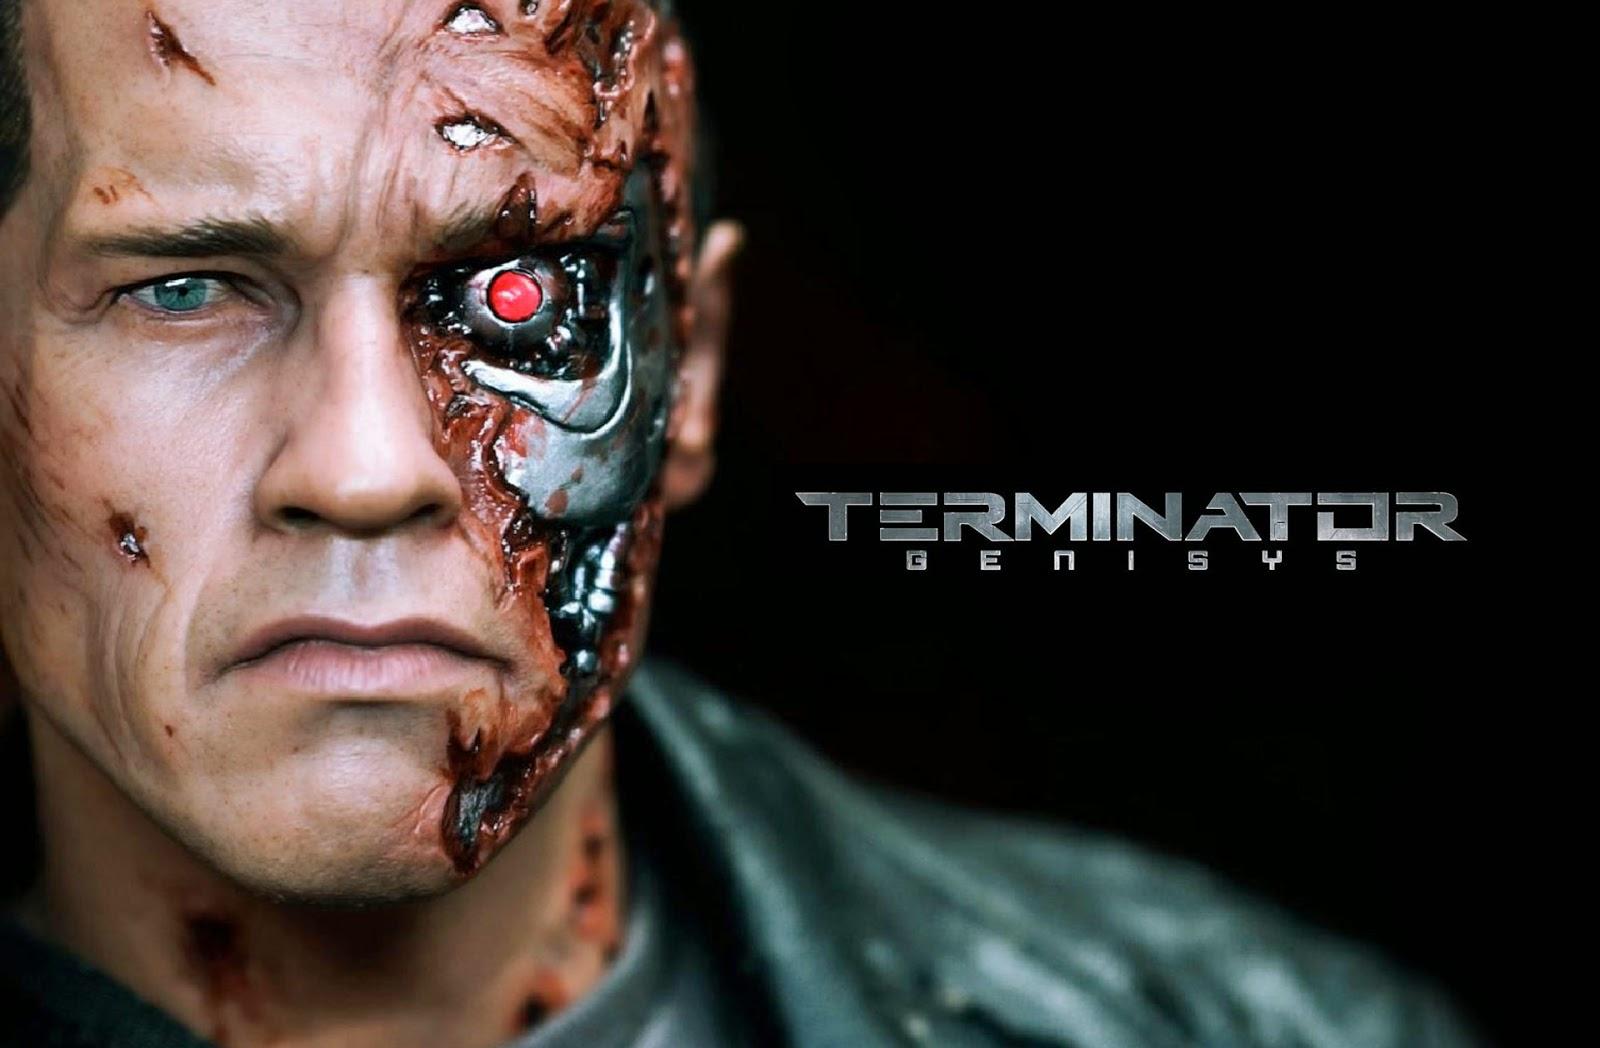 Download film Terminator Genisys (2015) Subtitle Indonesia